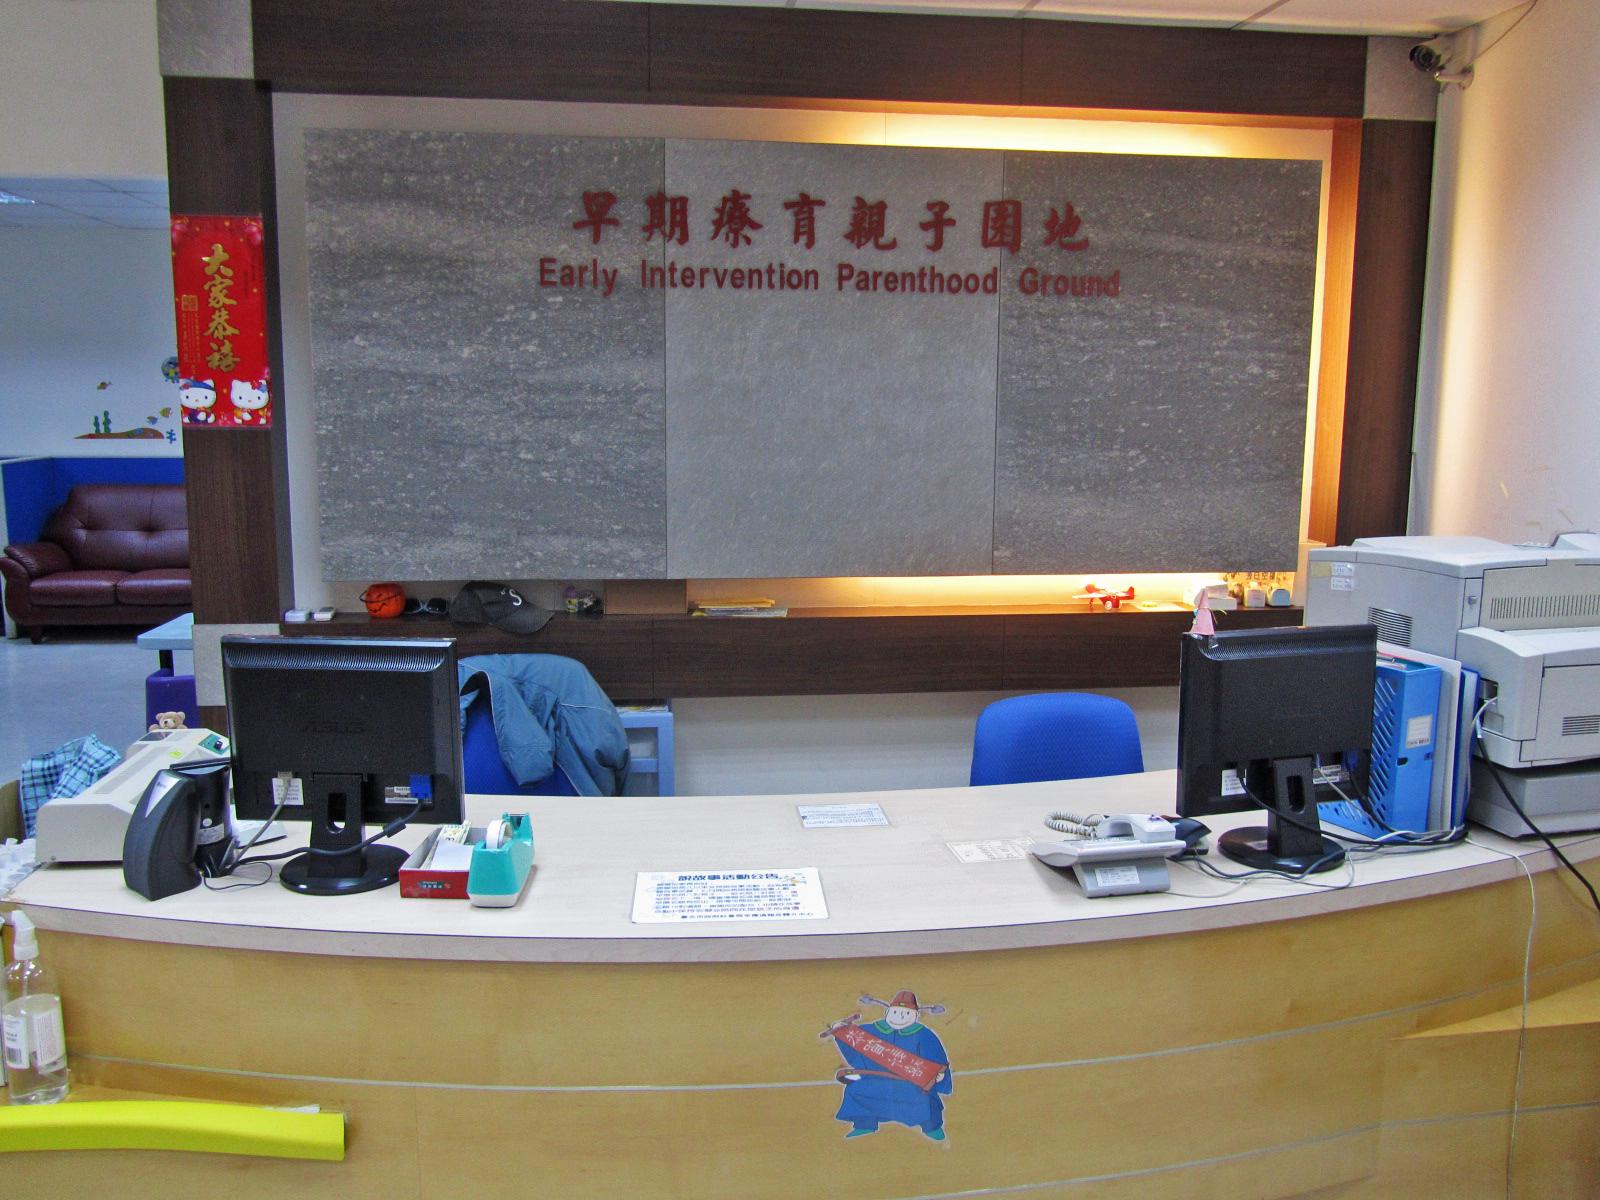 親子園地志工服務處